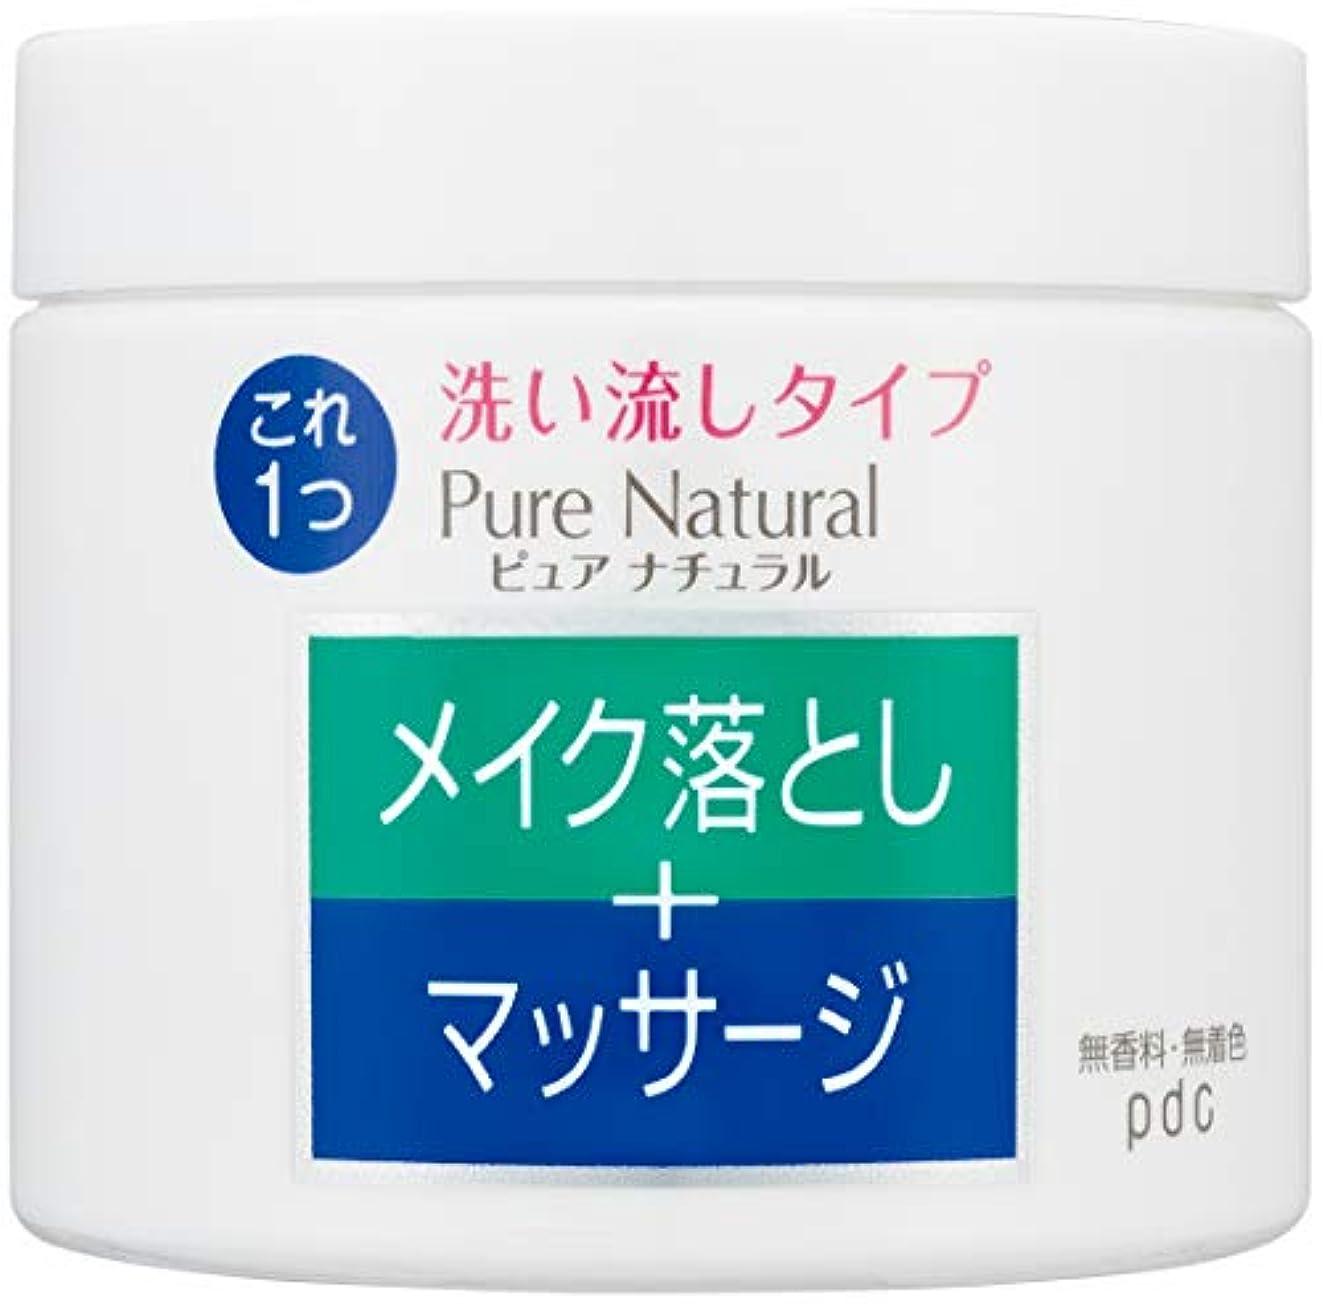 シュガー熱軽Pure NATURAL(ピュアナチュラル) マッサージクレンジング 170g